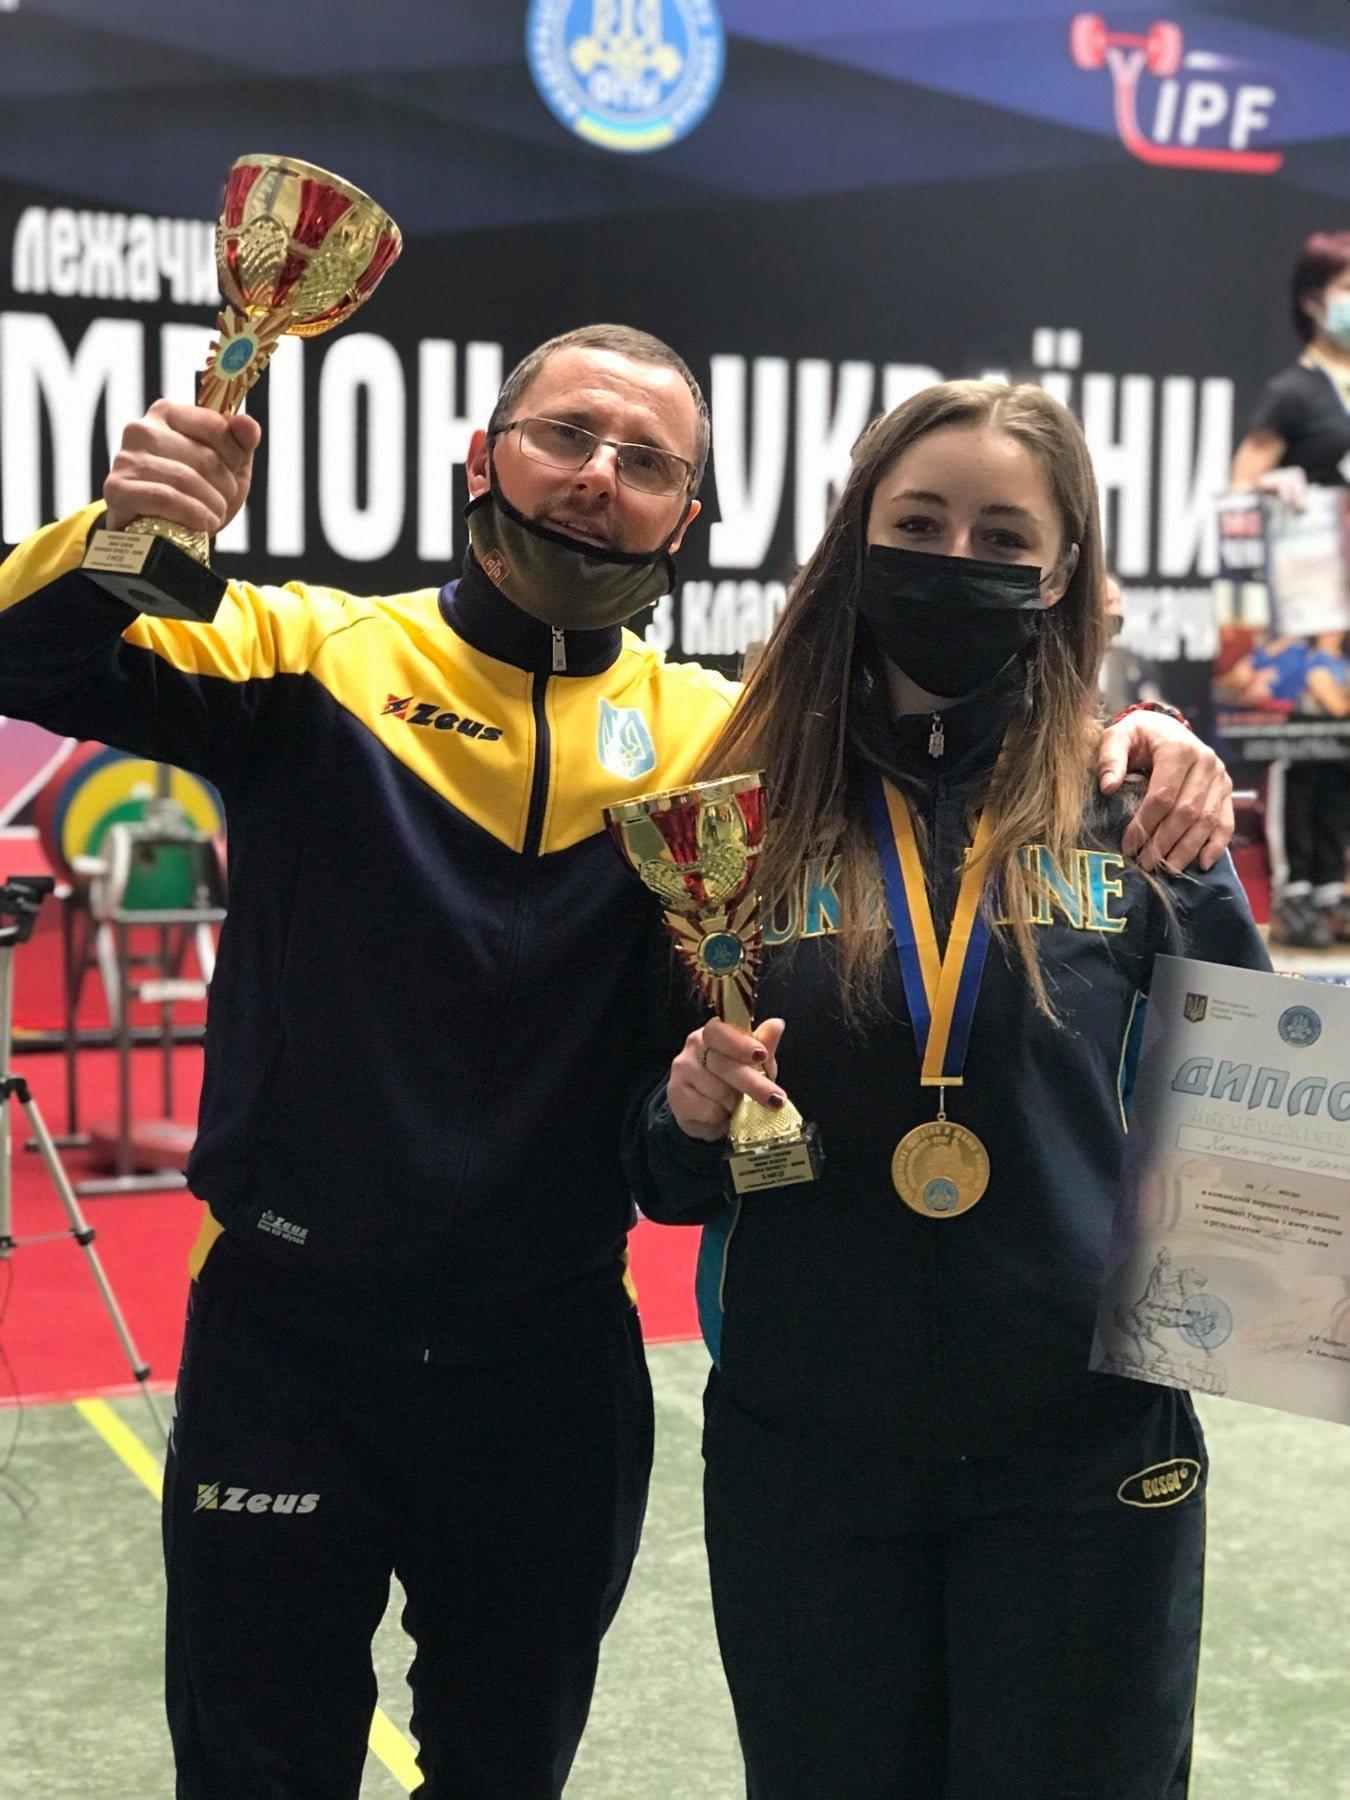 Кам'янчанка стала чемпіонкою України з жиму лежачи, фото-1